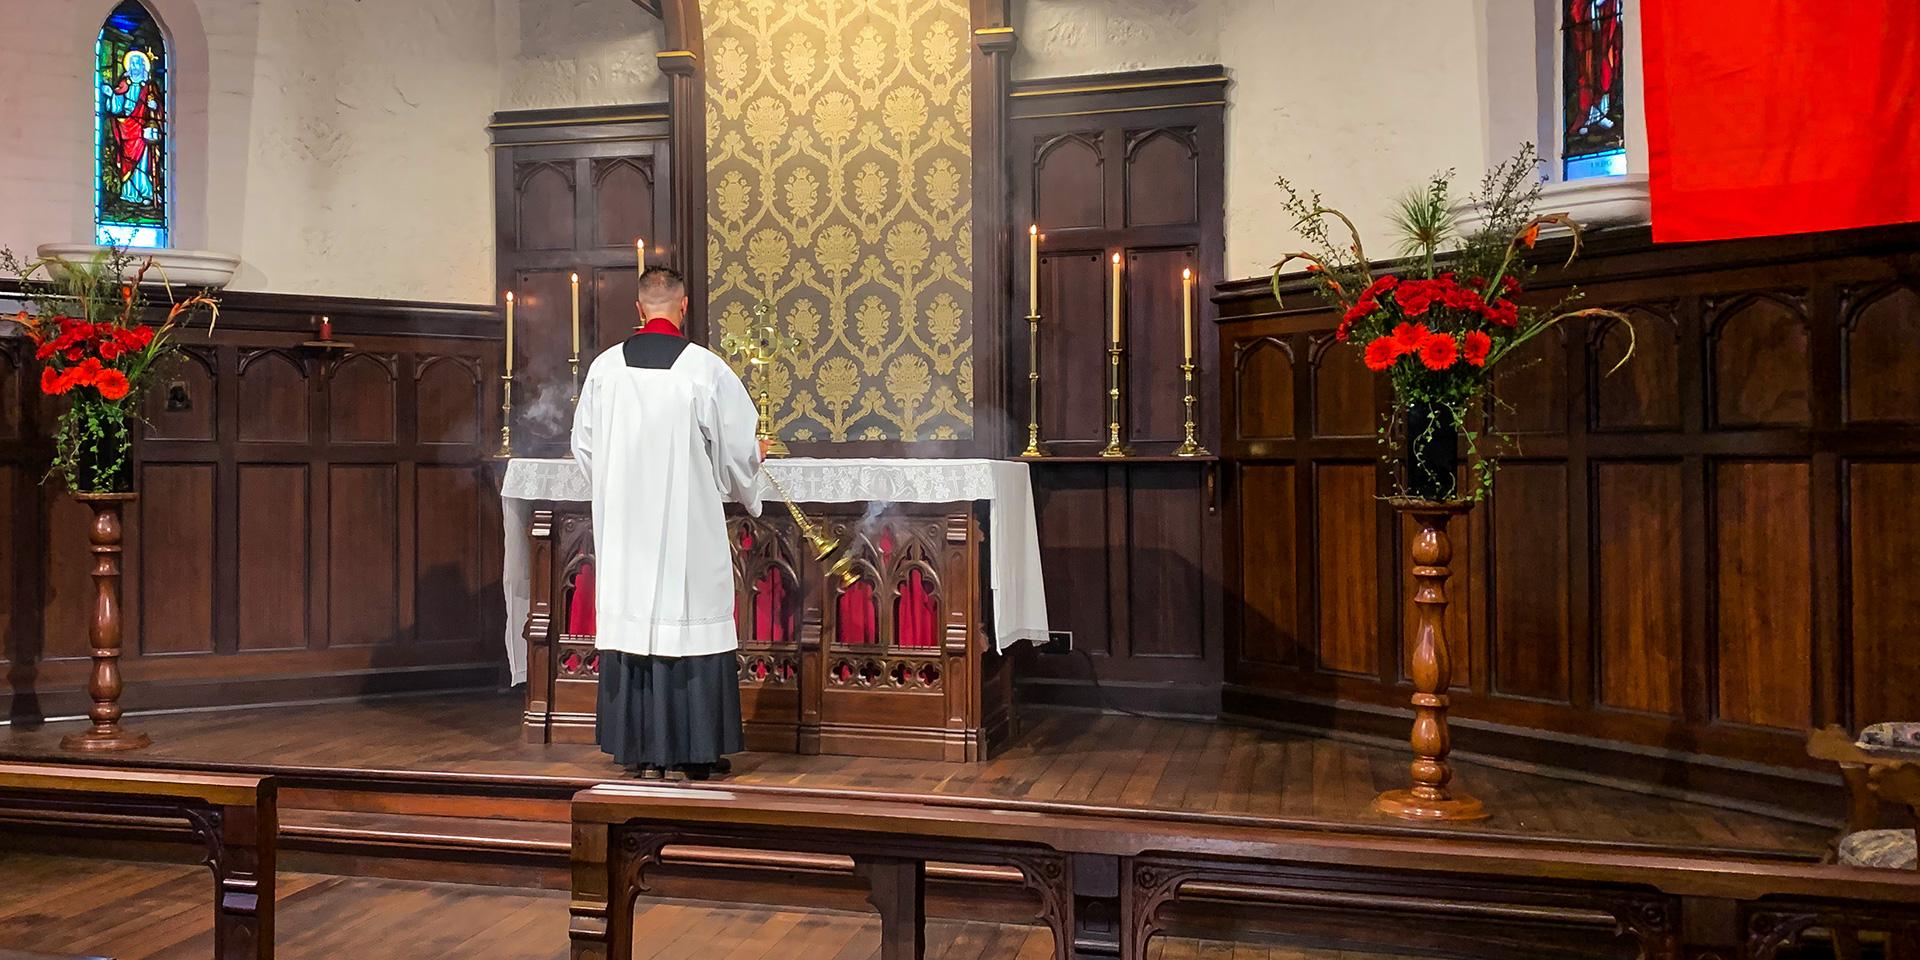 Fr Matthew censes the altar